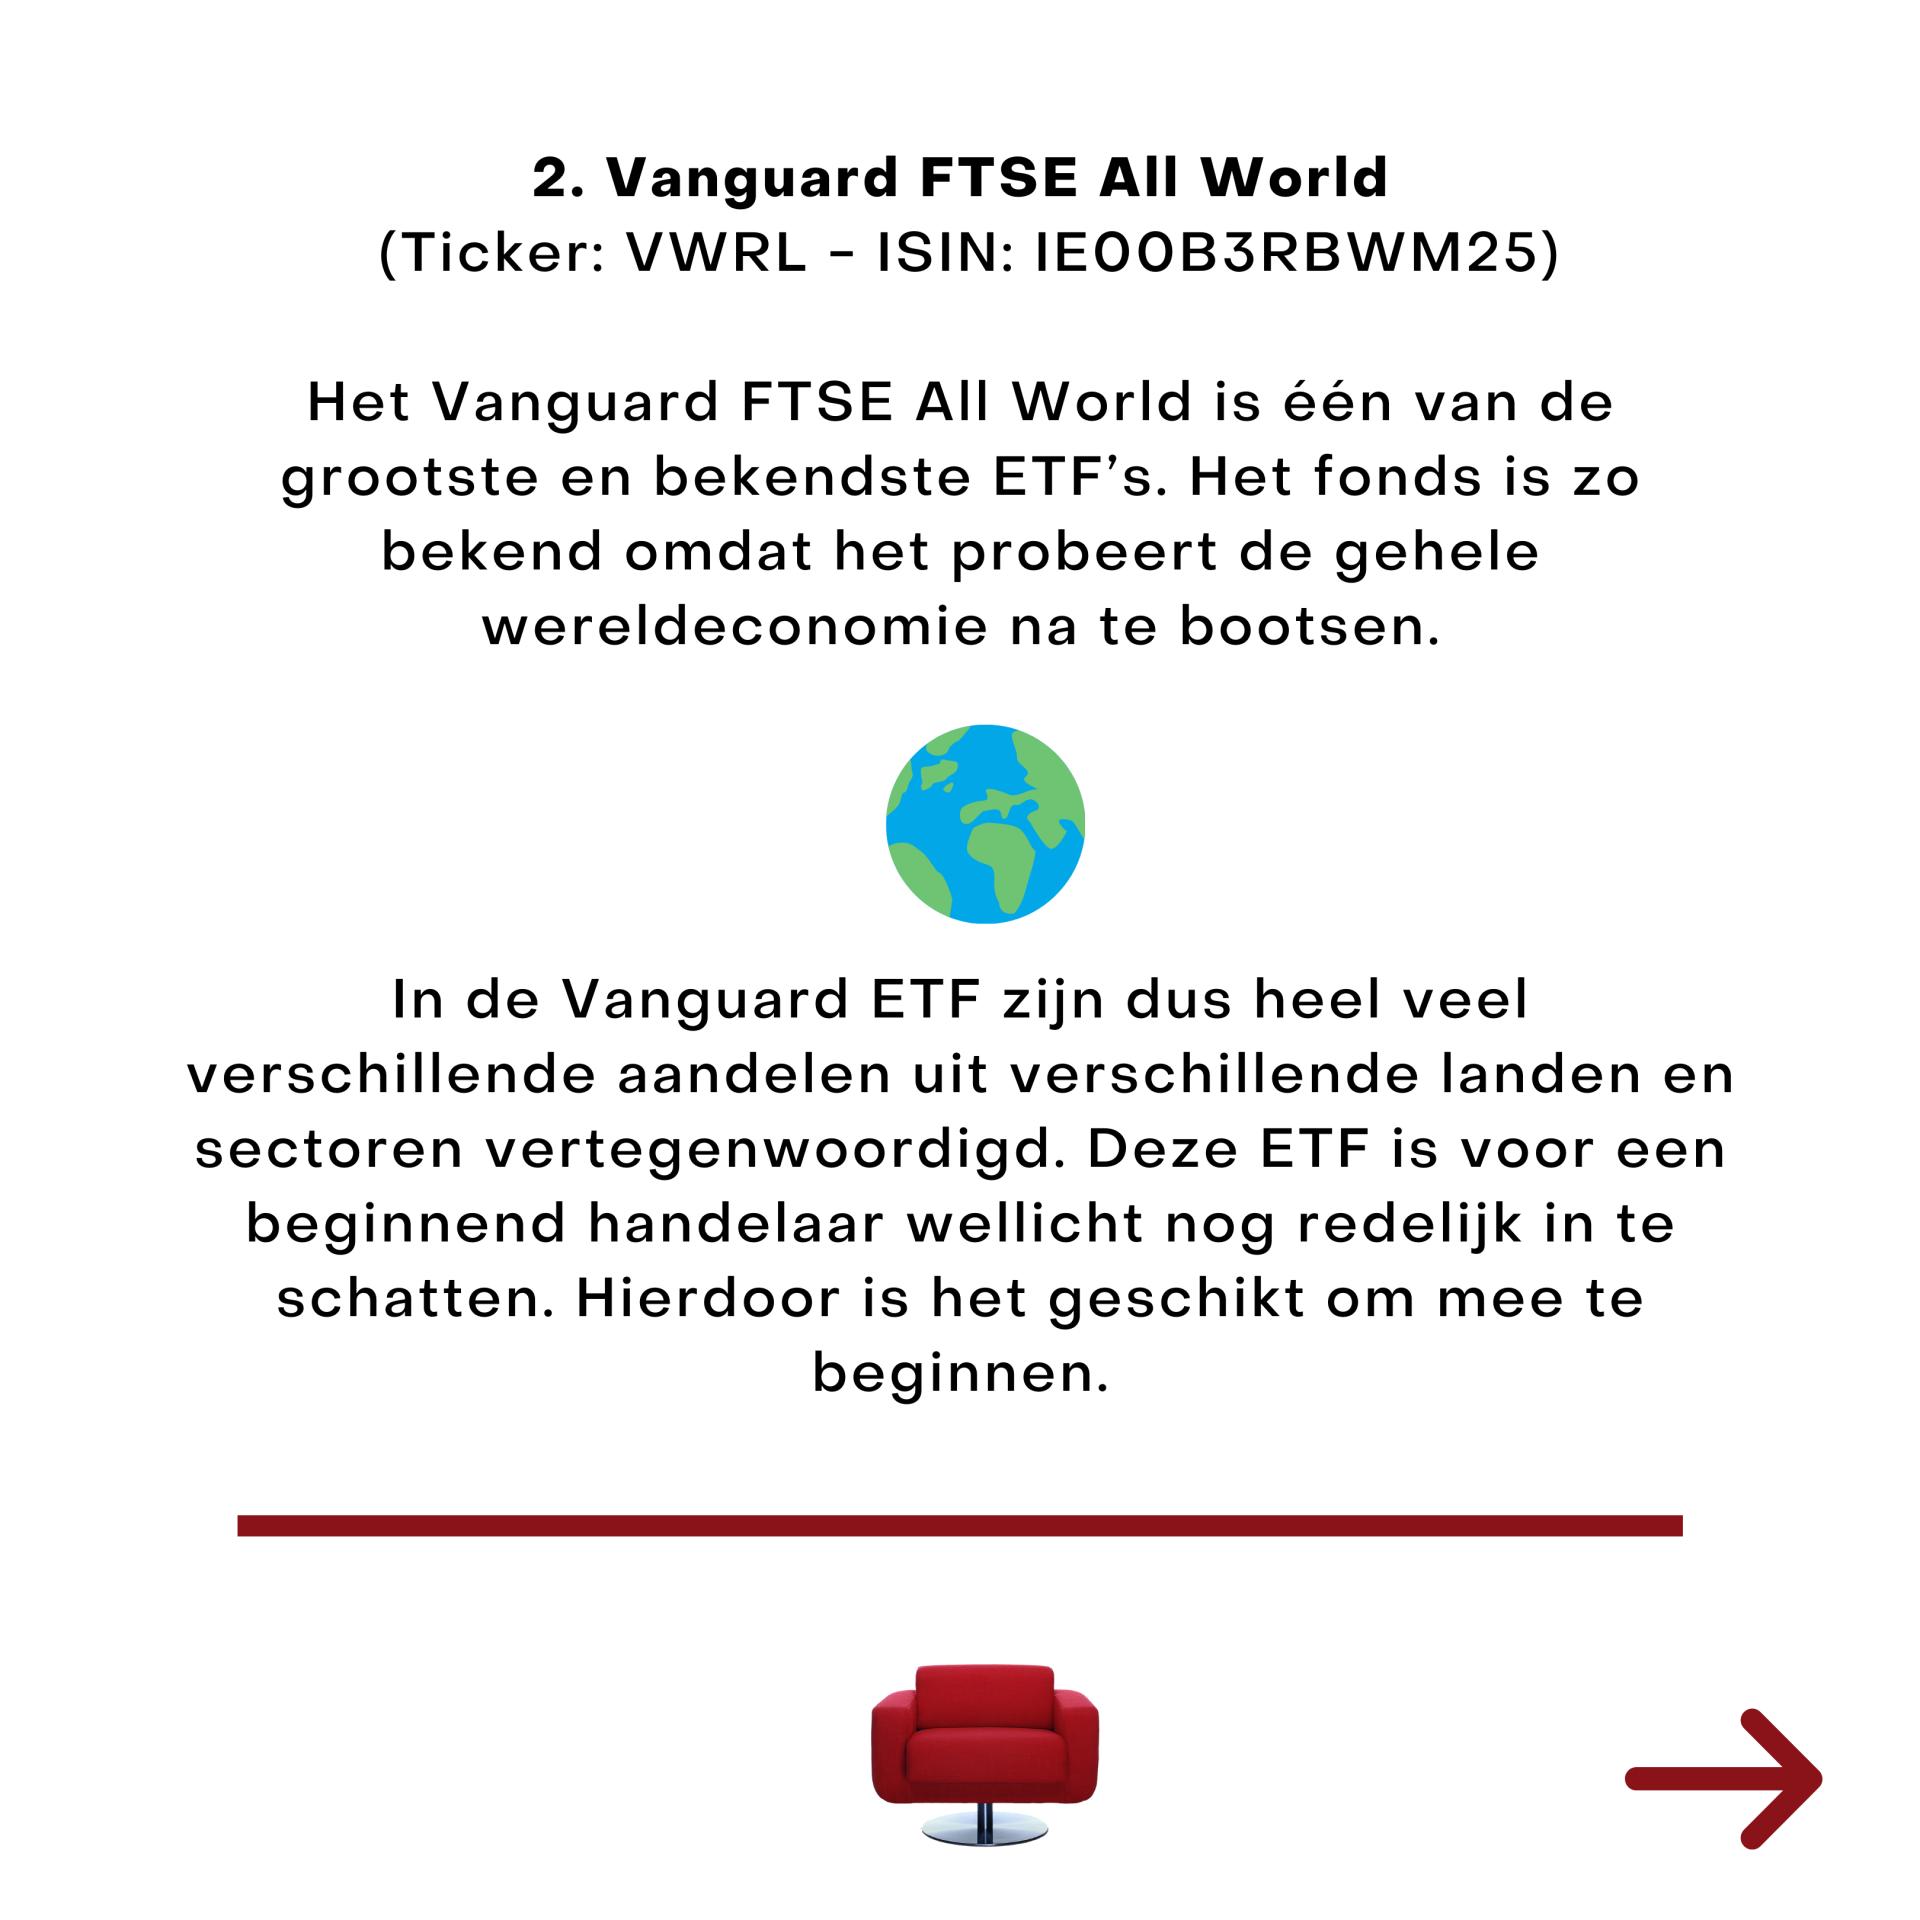 Instagram bELEGGINGSINSTITUUT etf UCITS